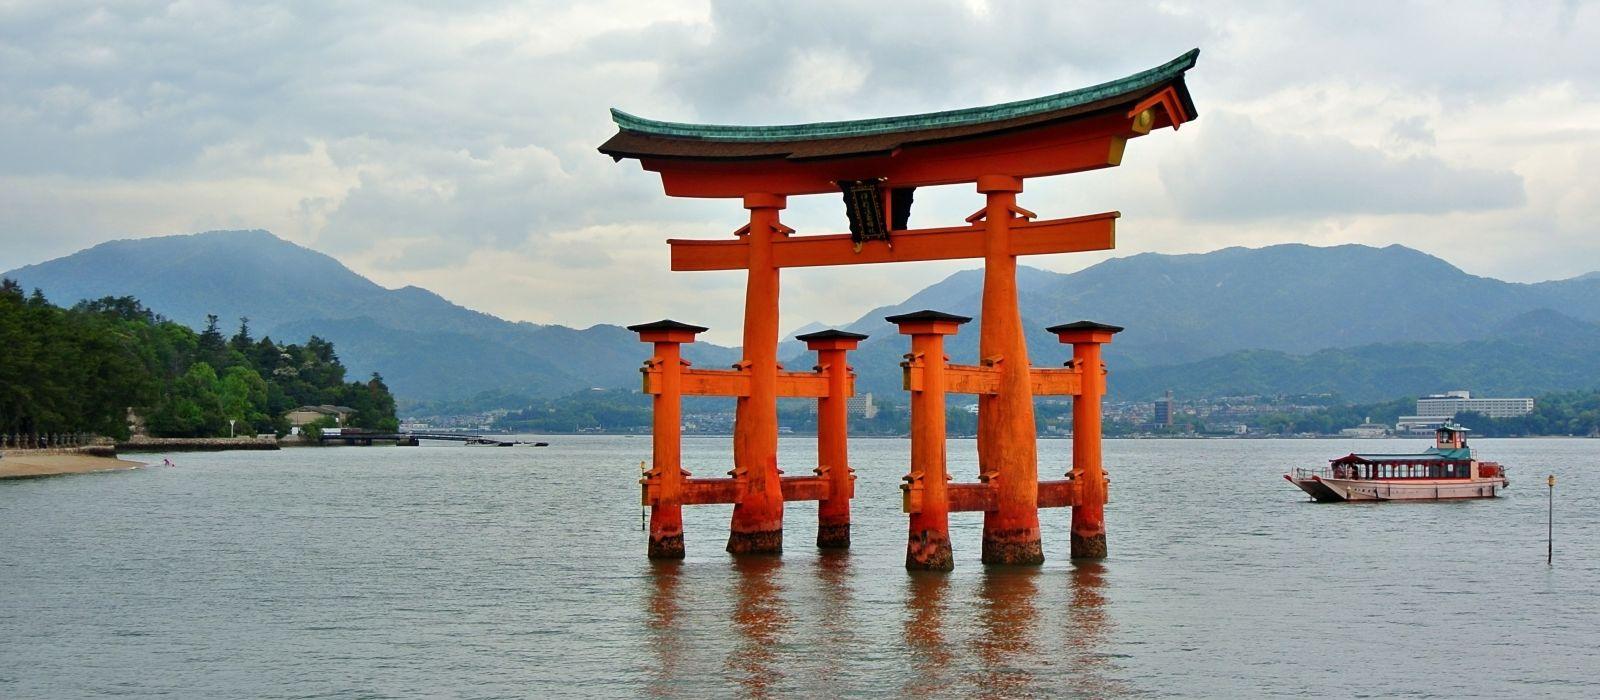 Historic Japan and Koh Samui Beach Escape Tour Trip 4